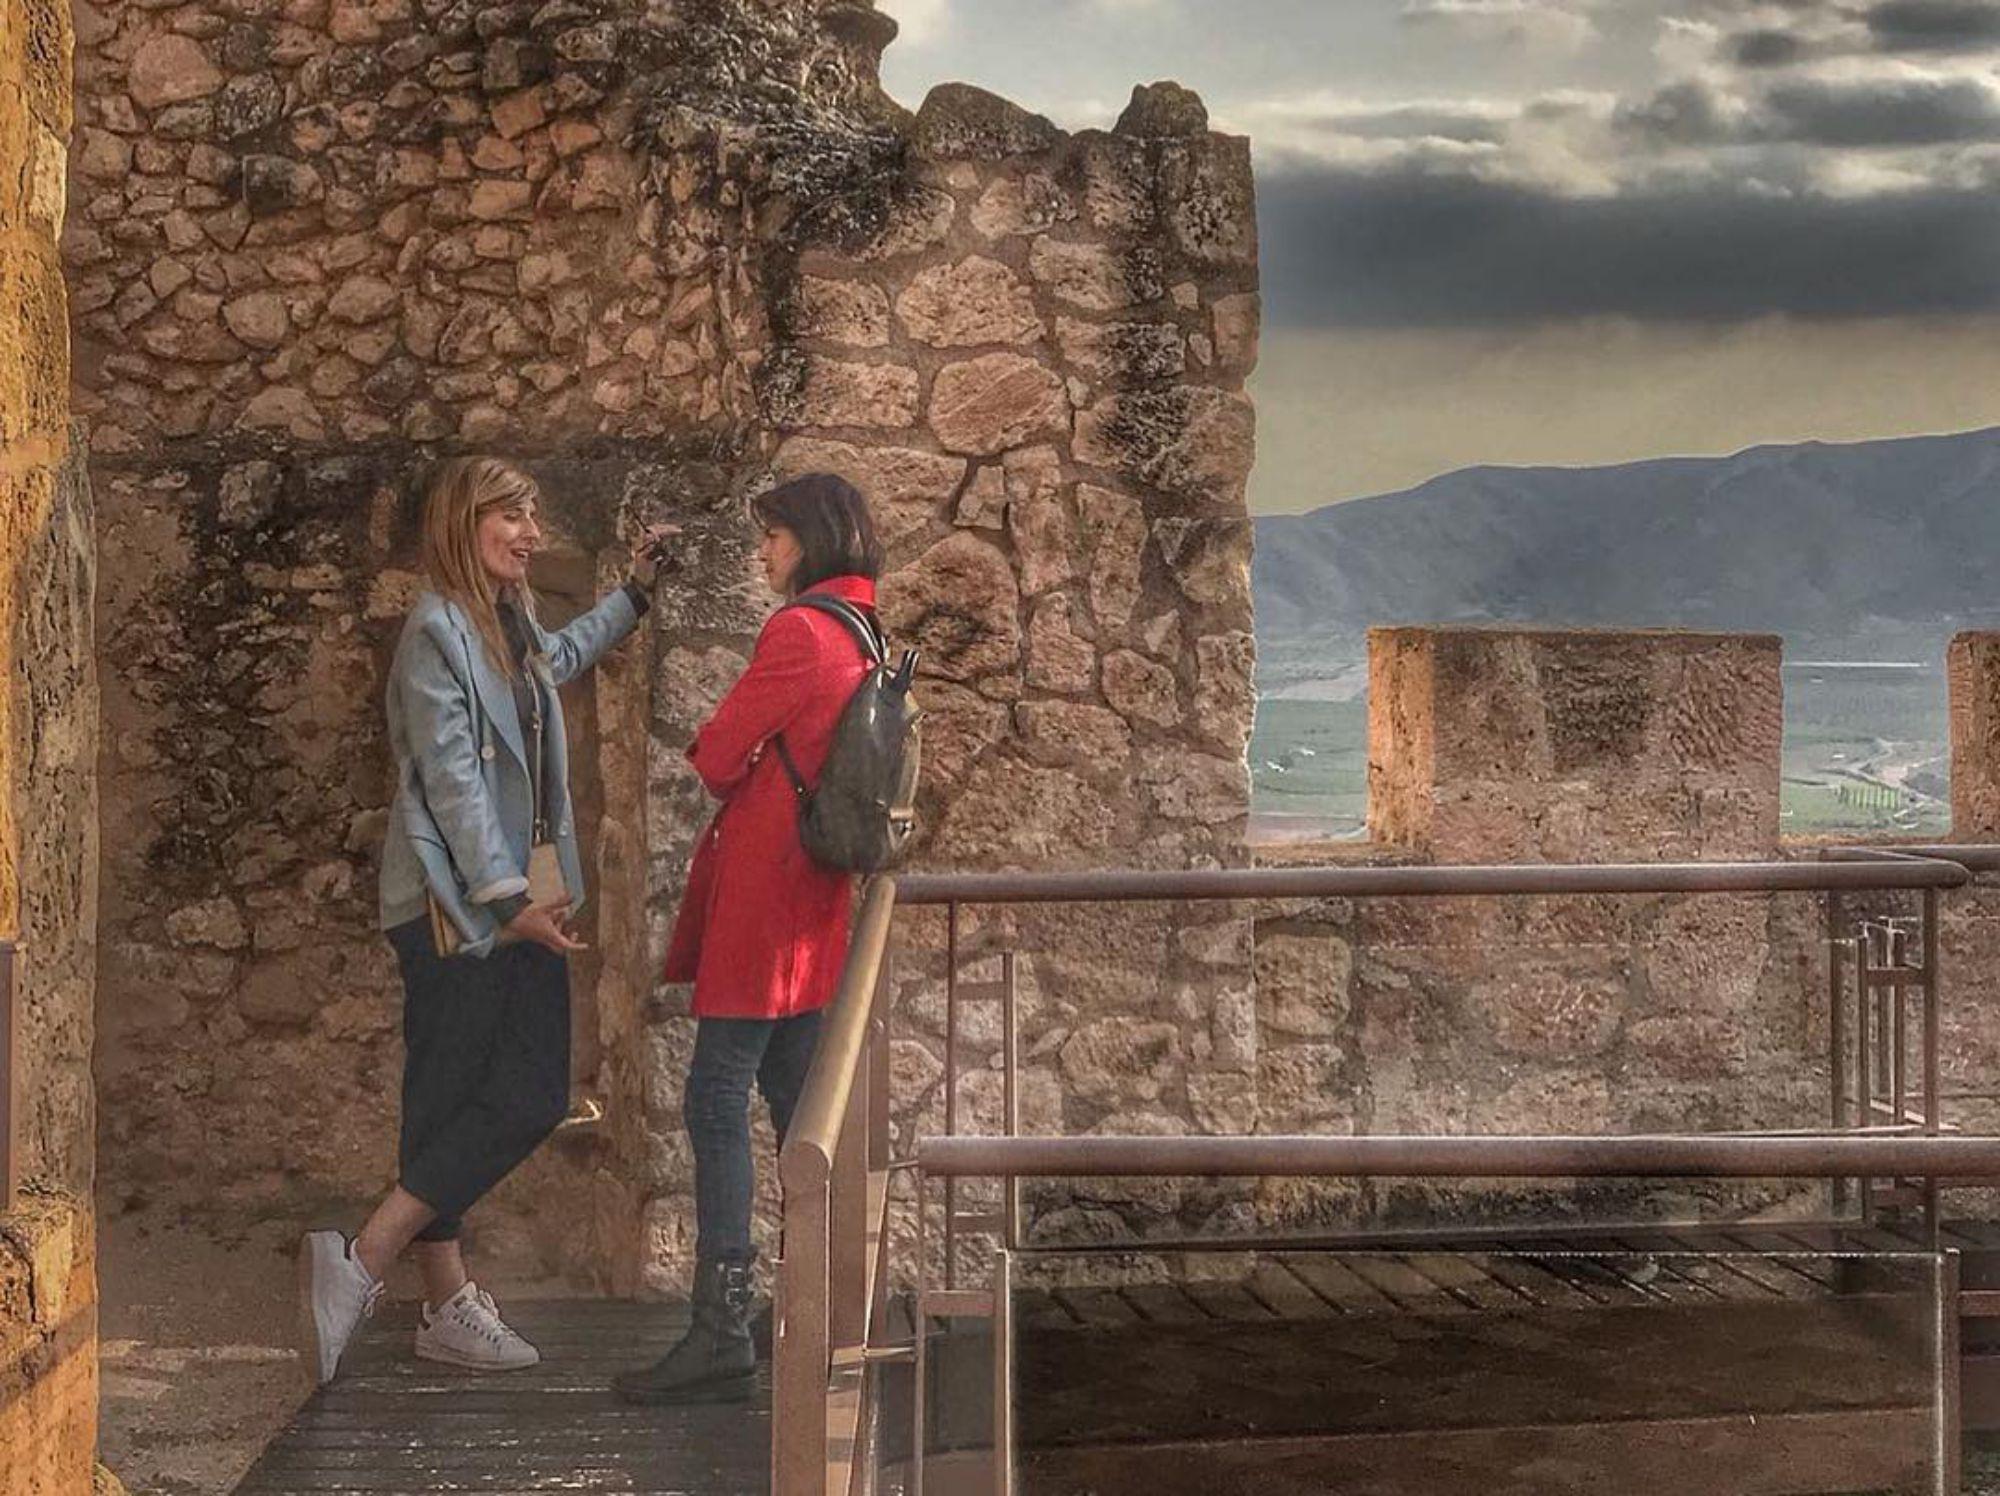 Durante un viaje de amigas, de charla más visita al castillo de Jumilla, en Murcia. Fotos: Instagram.